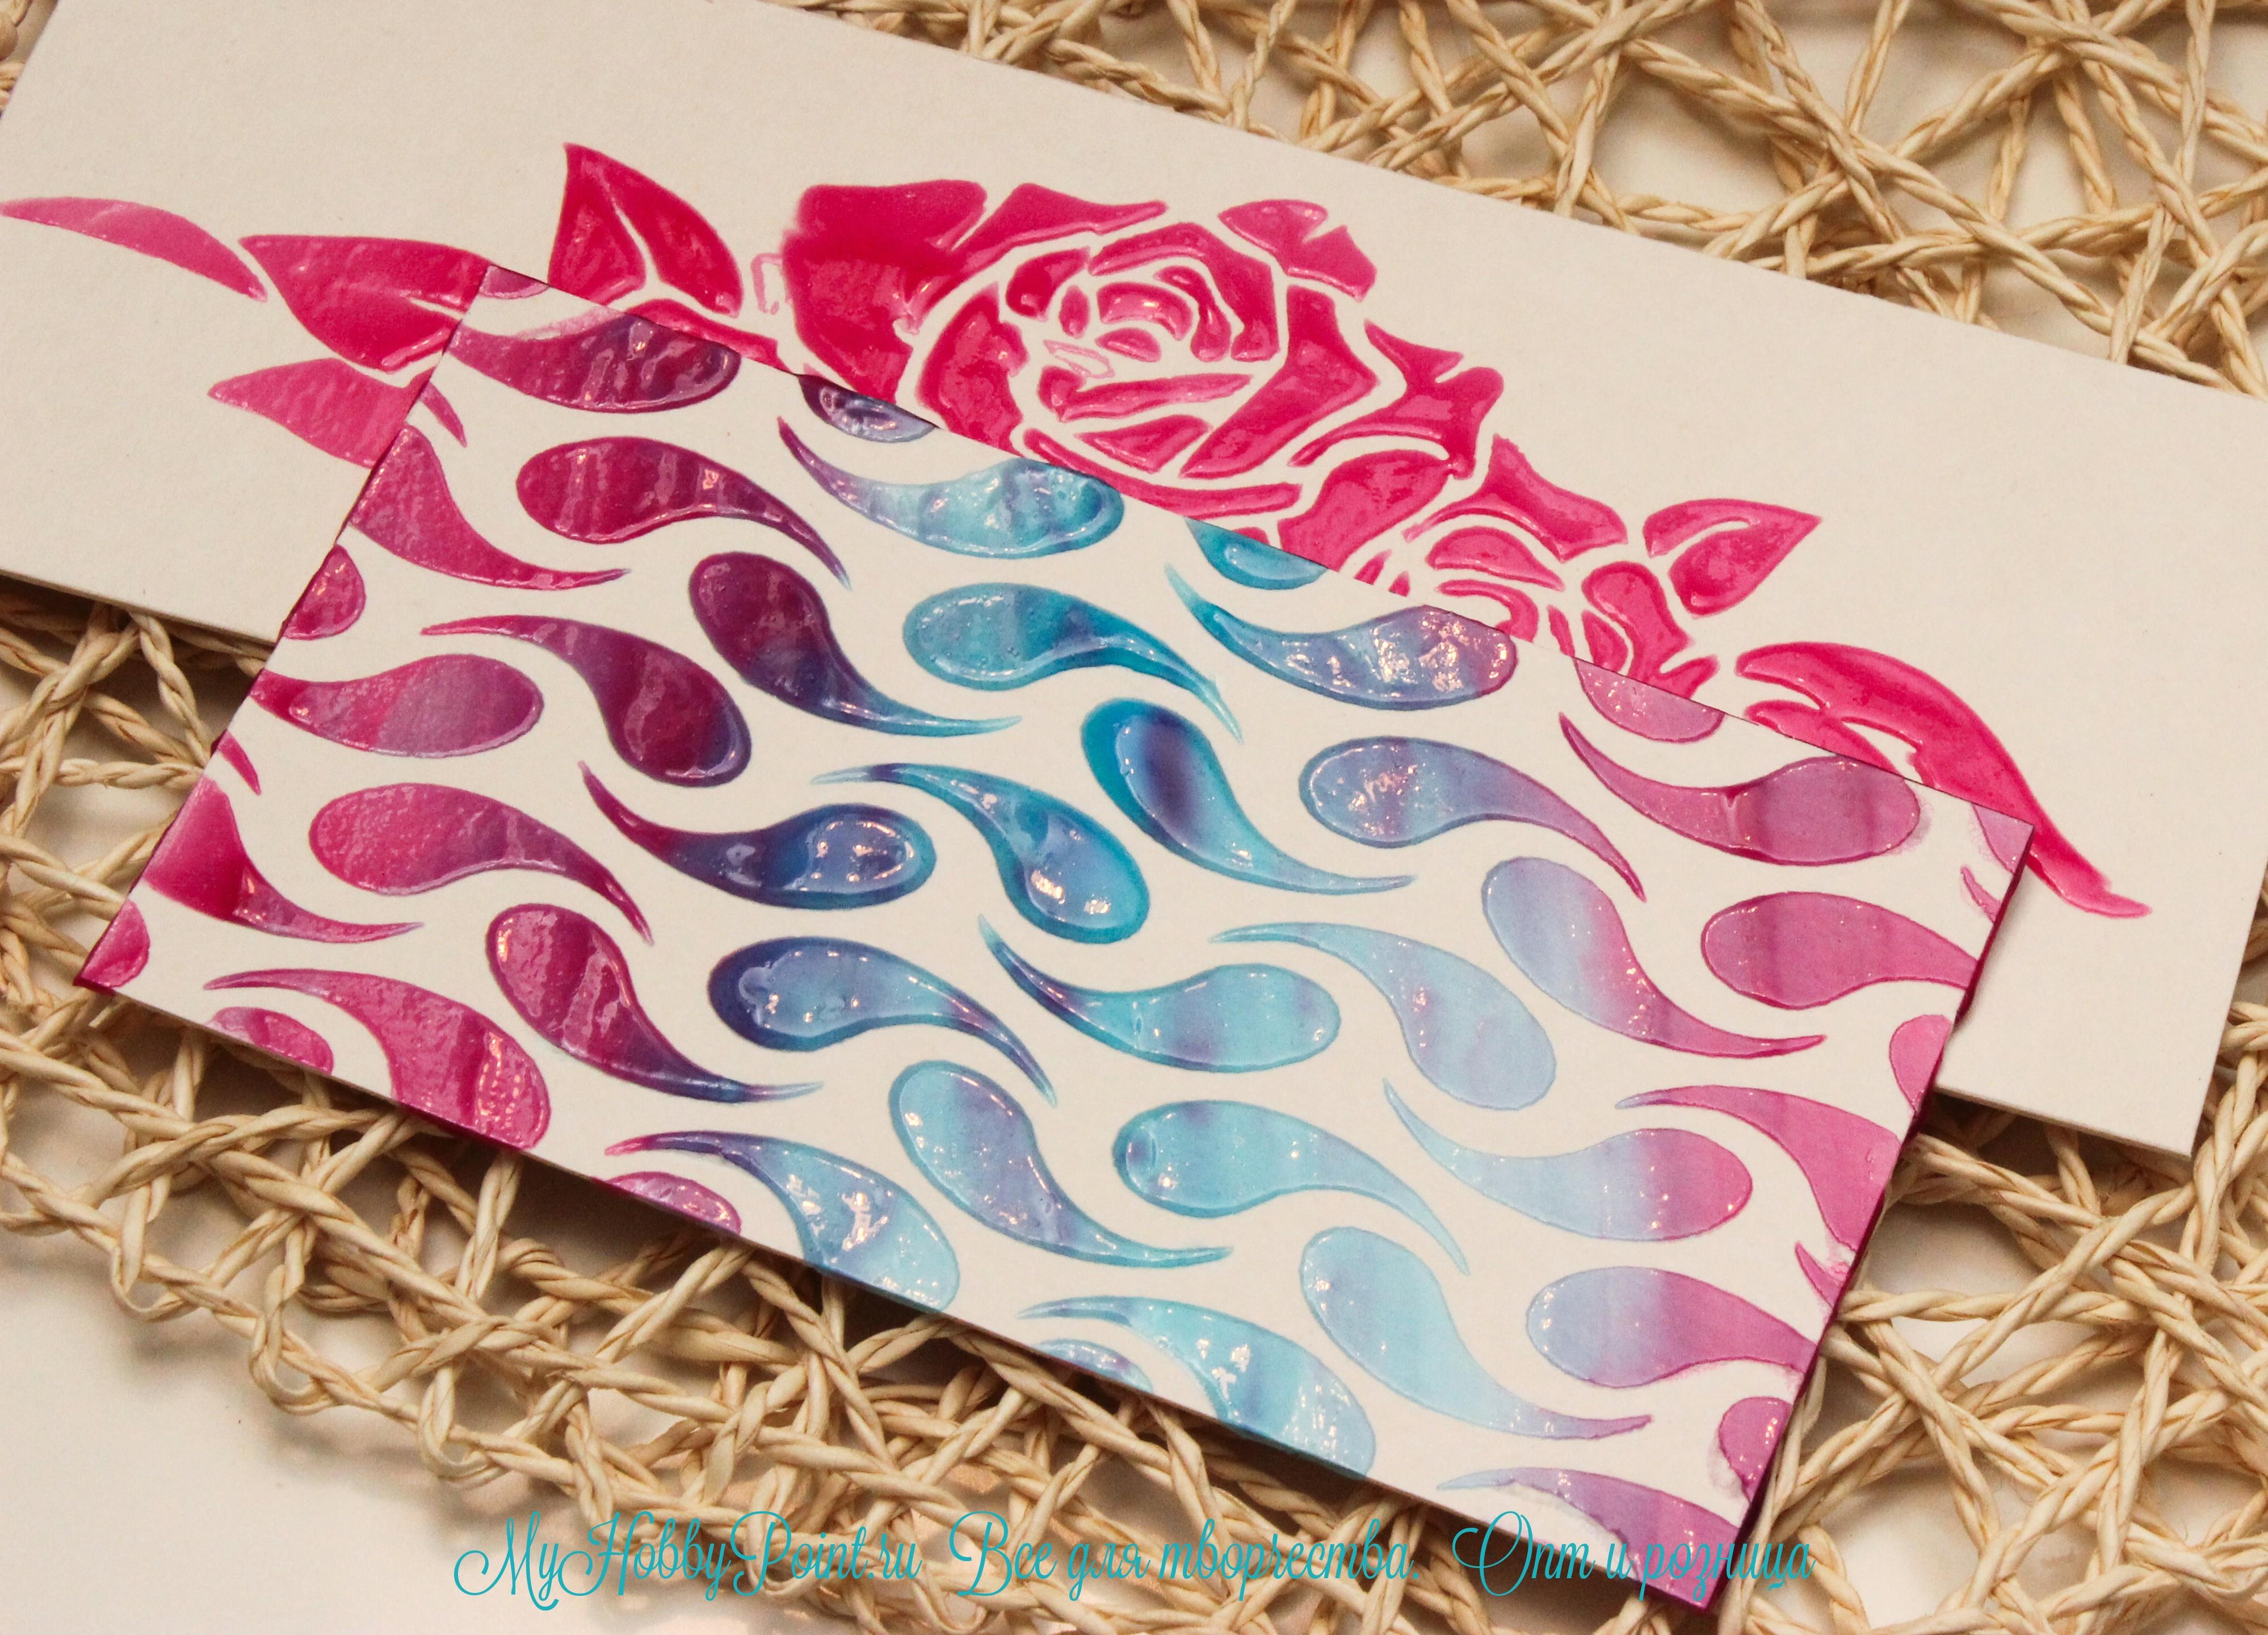 цветная паста, имеющая гелевую текстуру, при высыхании образует полупрозрачное глянцевое покрытие. Деко-гель отличается от других паст тем, что после высыхания он сохраняет свой объем, рисунок четкий, а его поверхность имеет стильный глянцевый блеск.